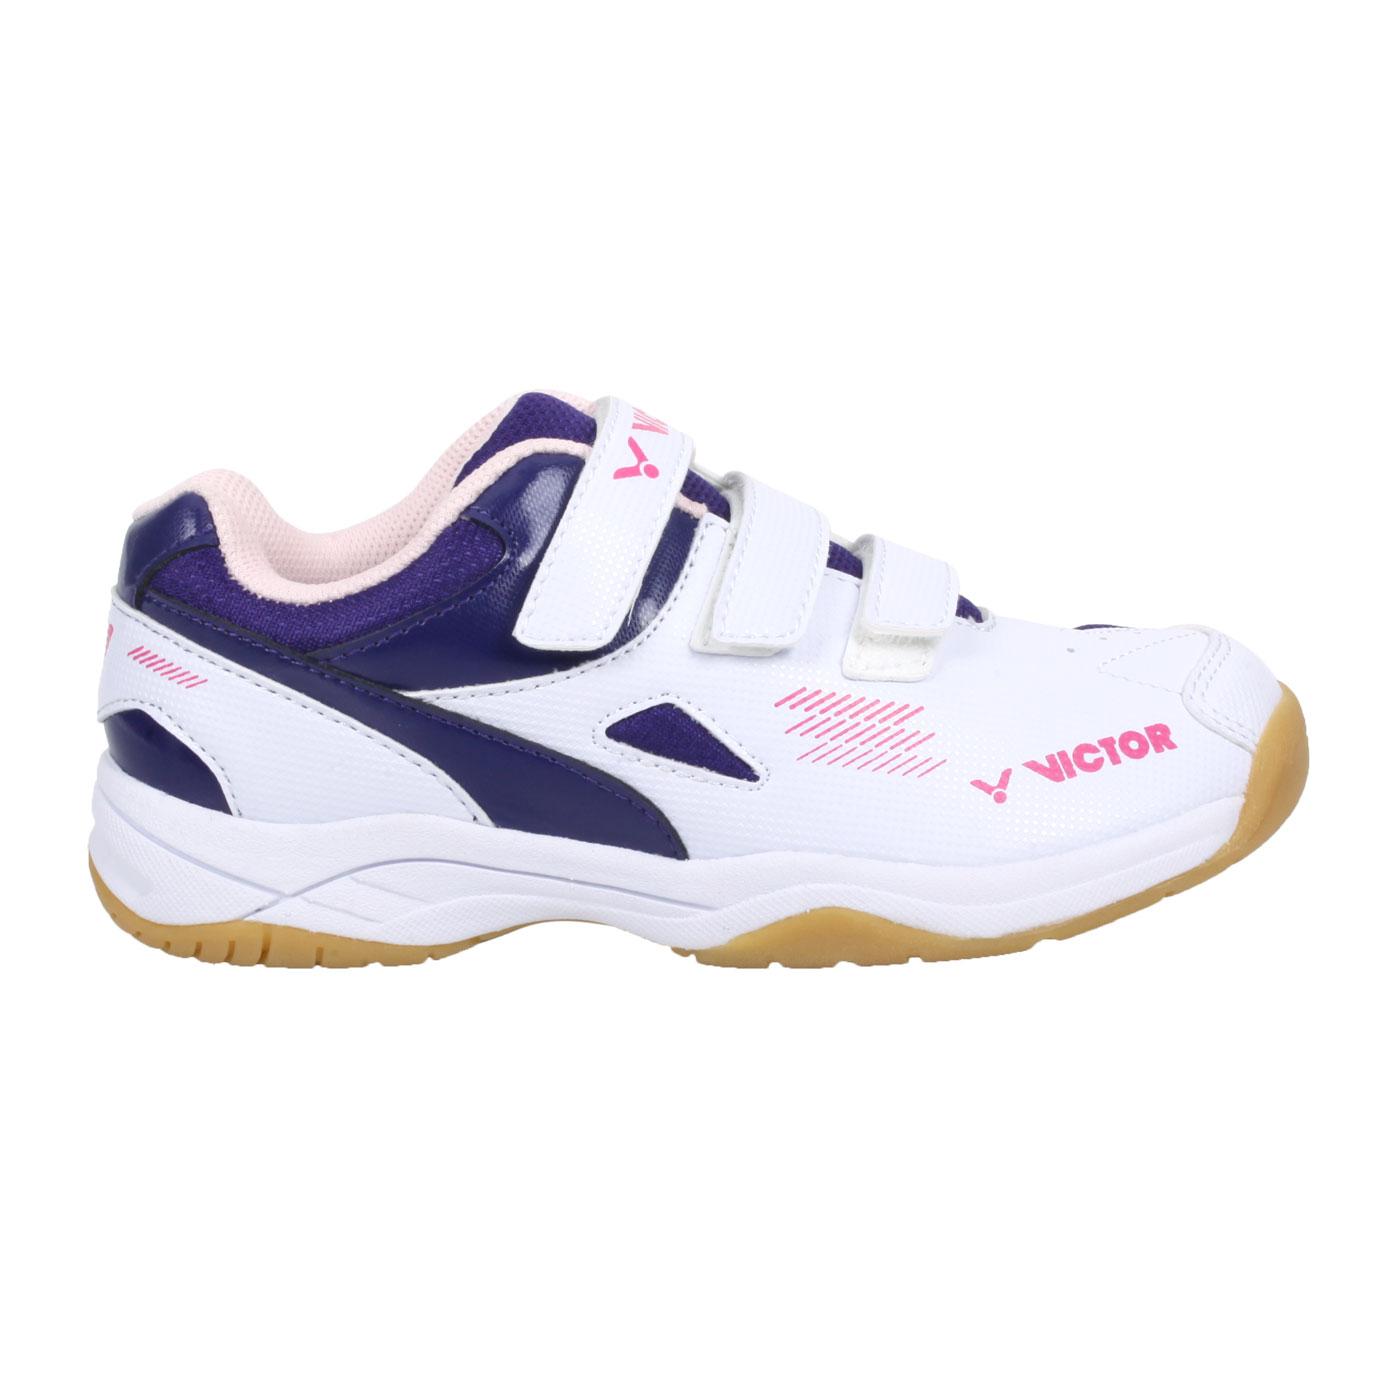 VICTOR 中童羽球鞋 A171JR-AJ - 白桃紅藍